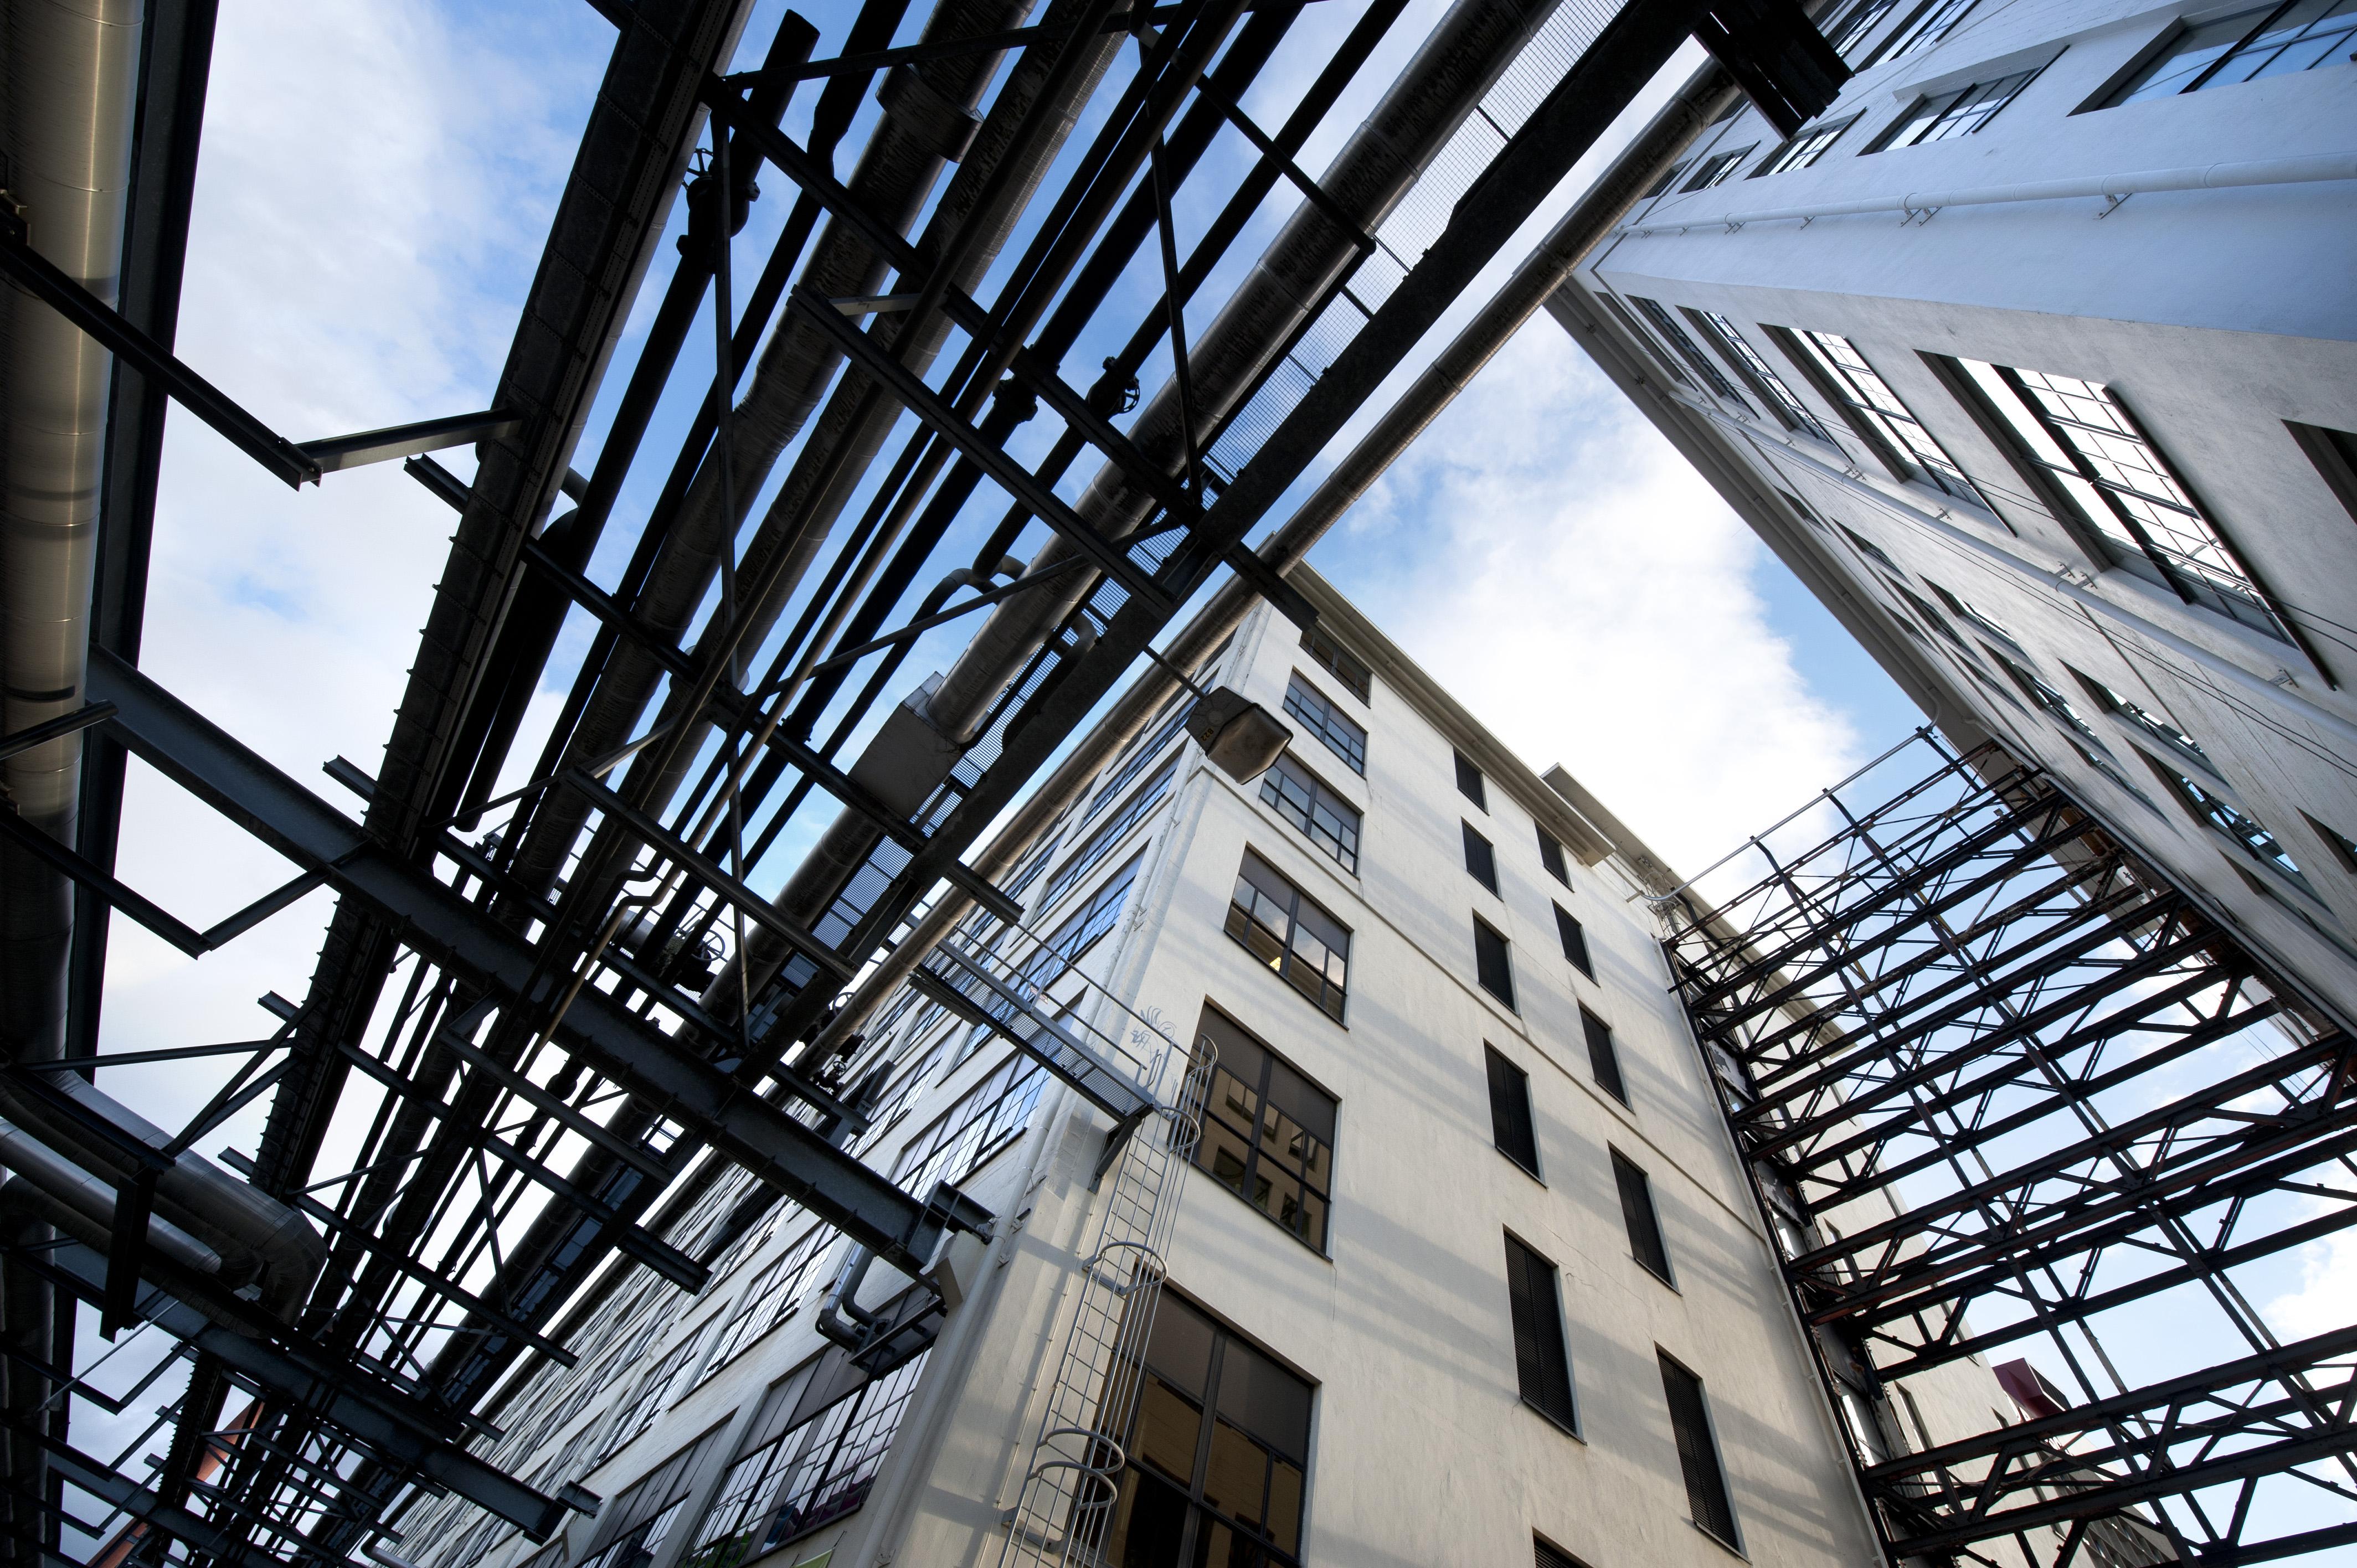 Foto von Industriegebäuden von unten